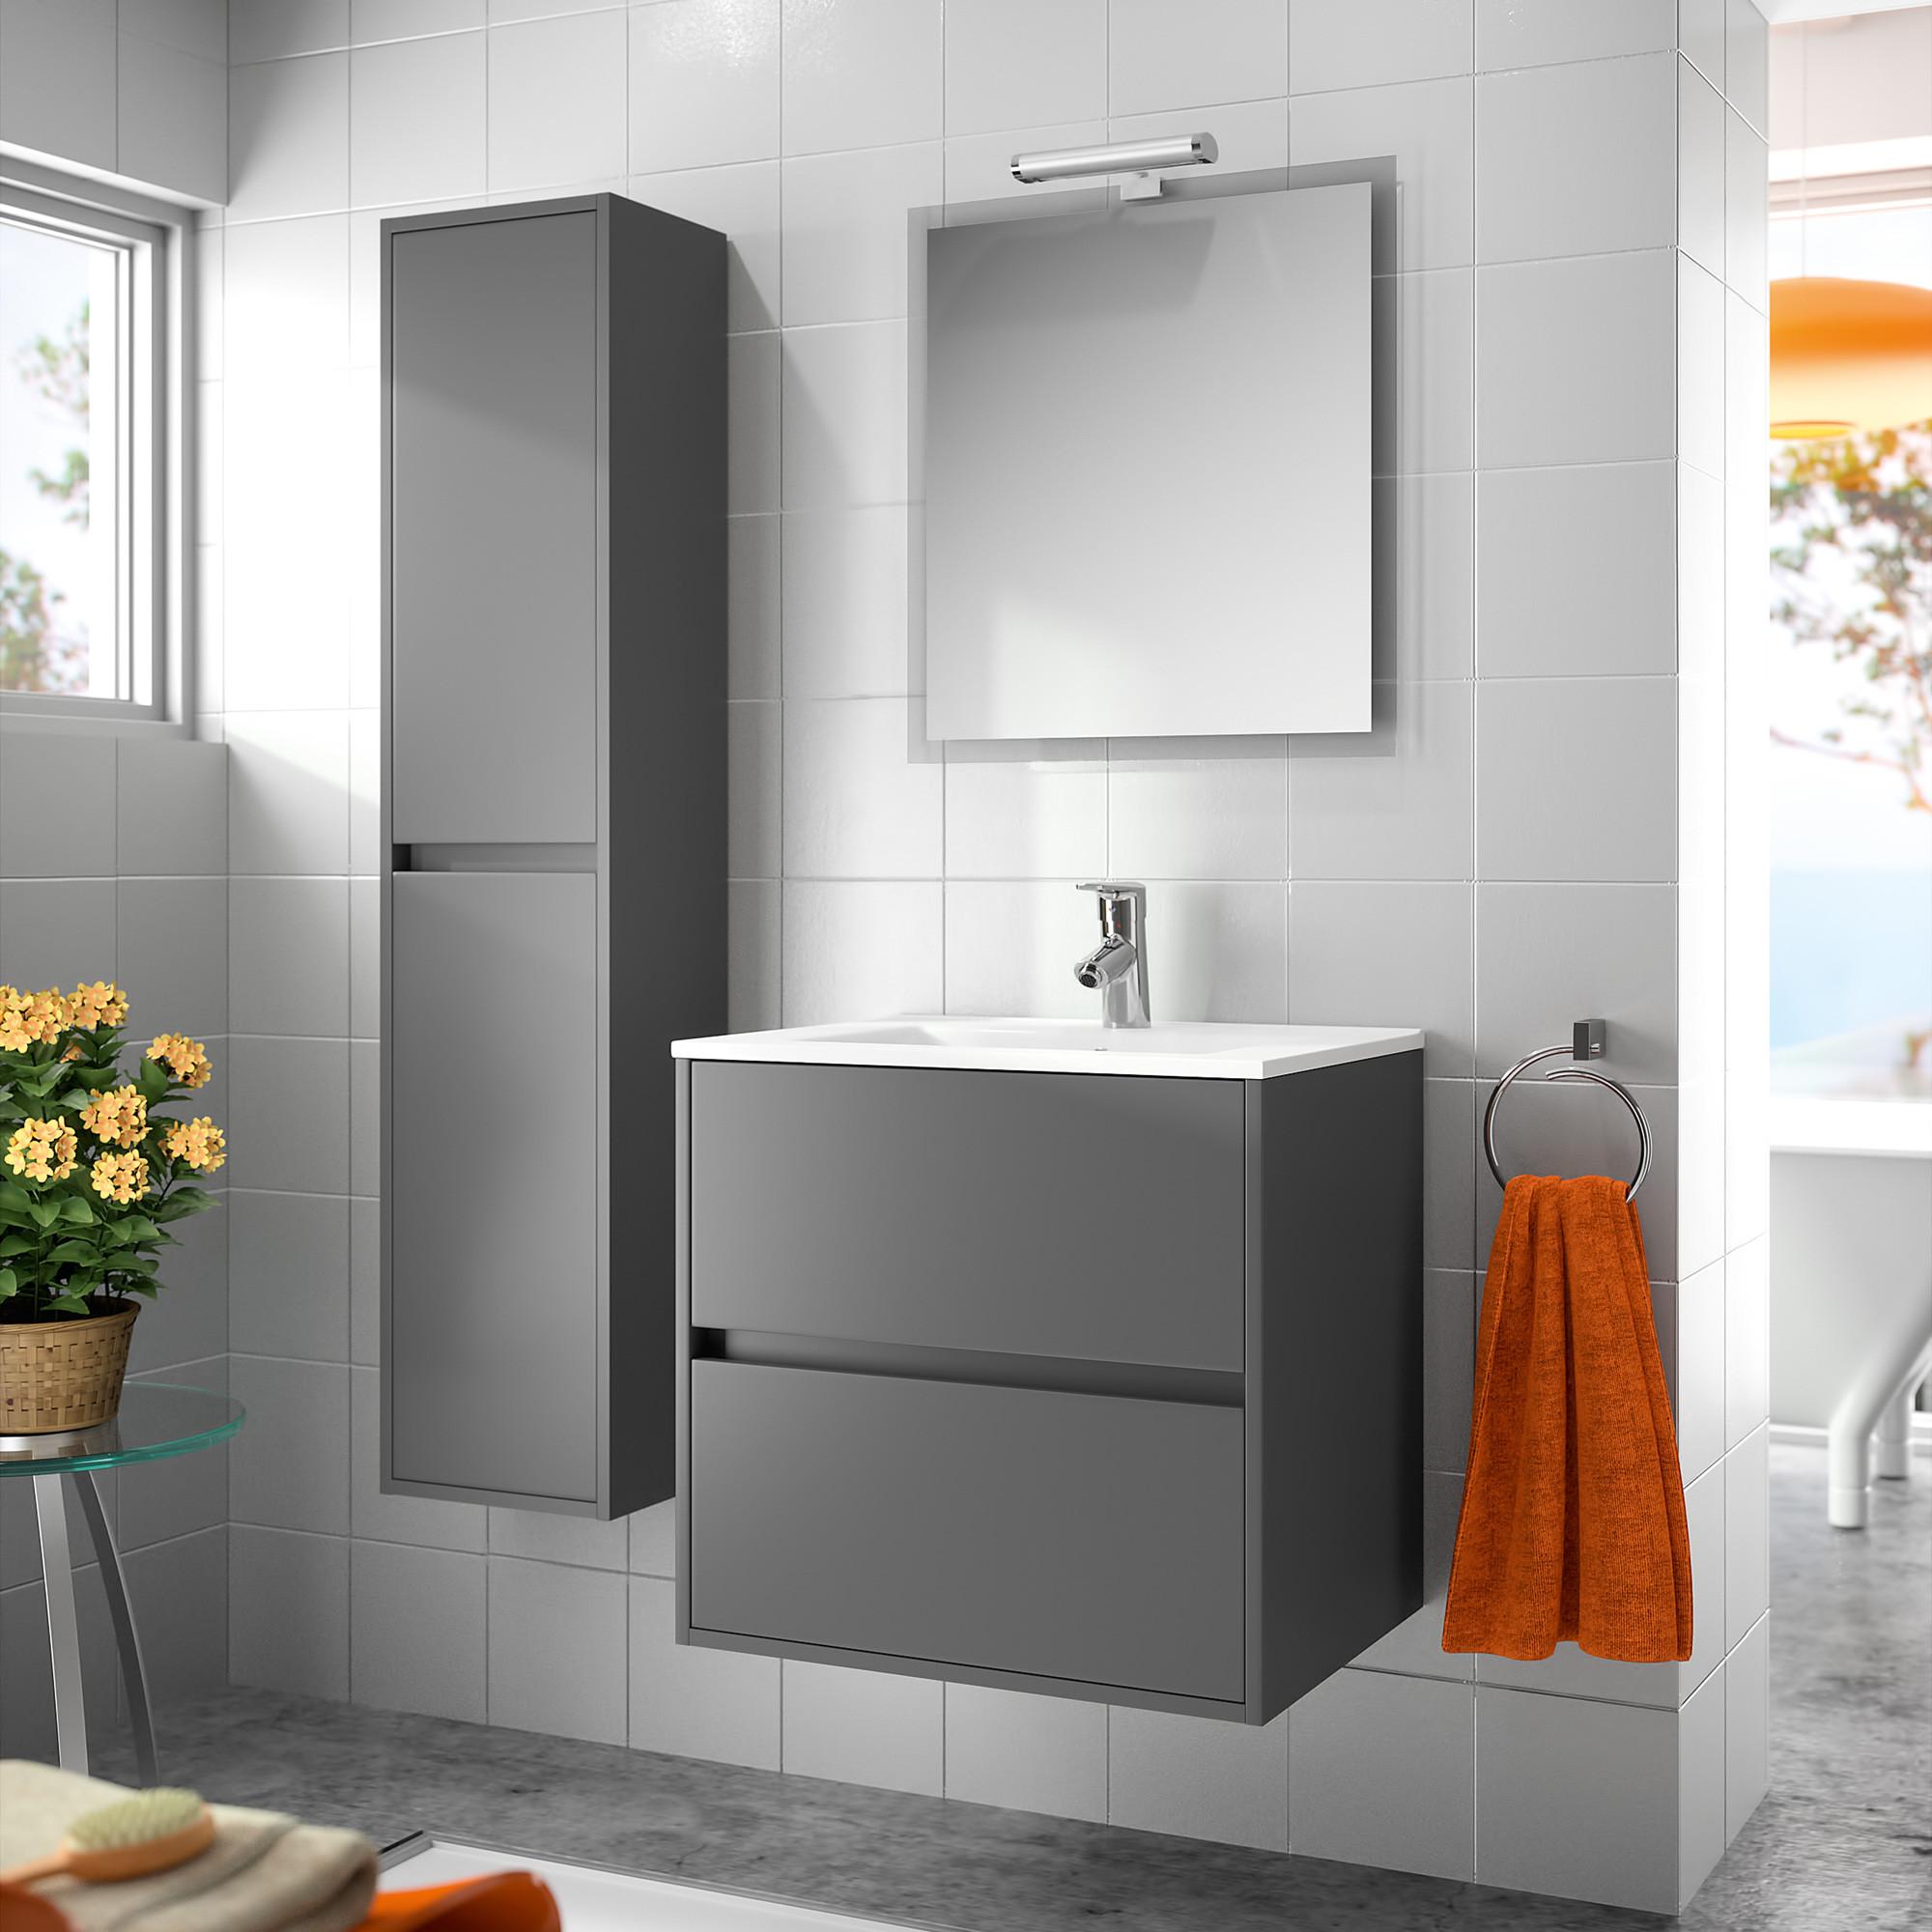 Colonne salle de bain UNIT 300 Gris mat  Anjou connectique